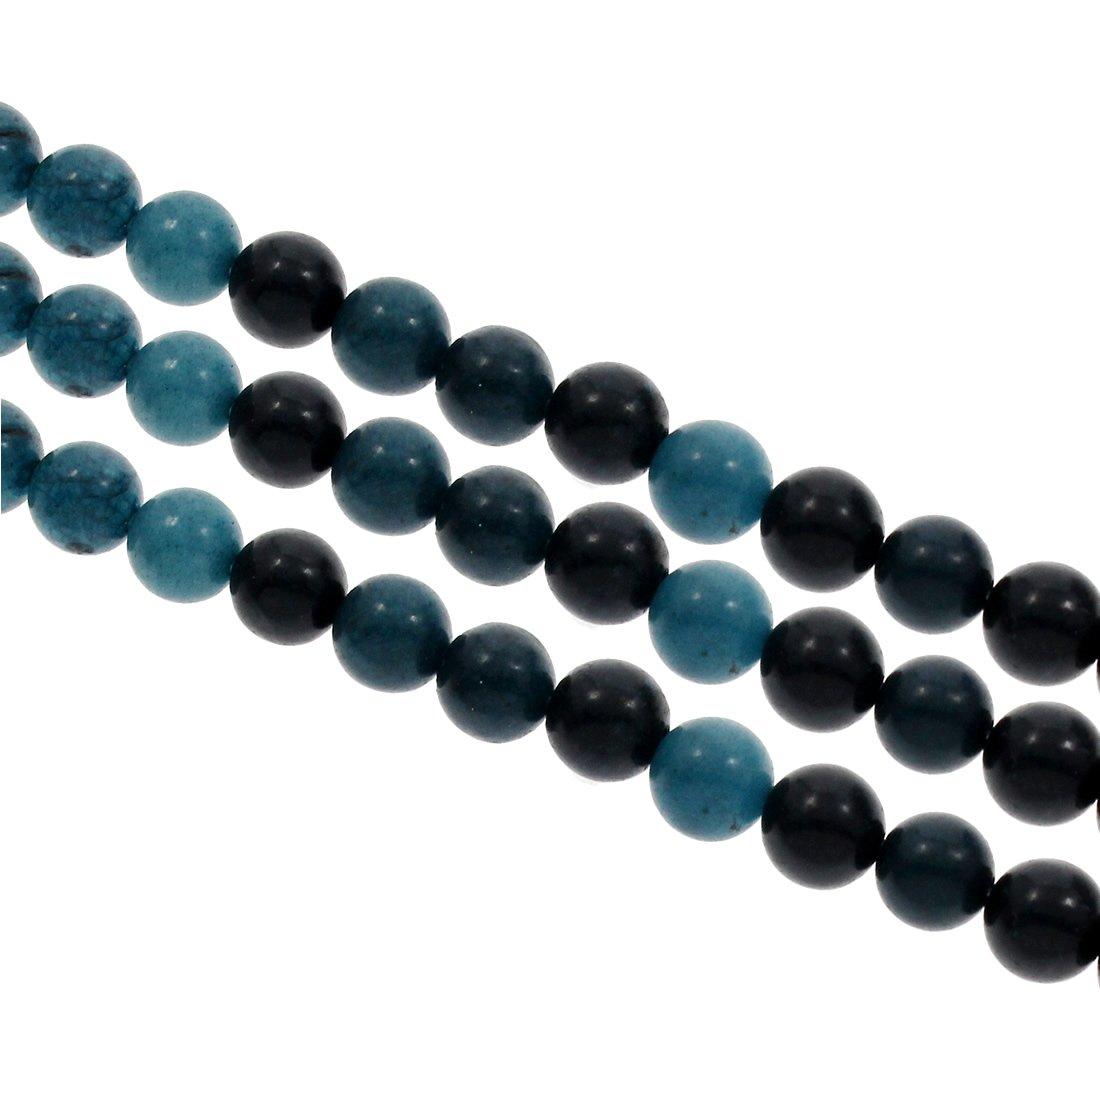 Natürliche Streifen Achat Perlen 8mm Grau Frosted Kugel Edelsteine BEST G739